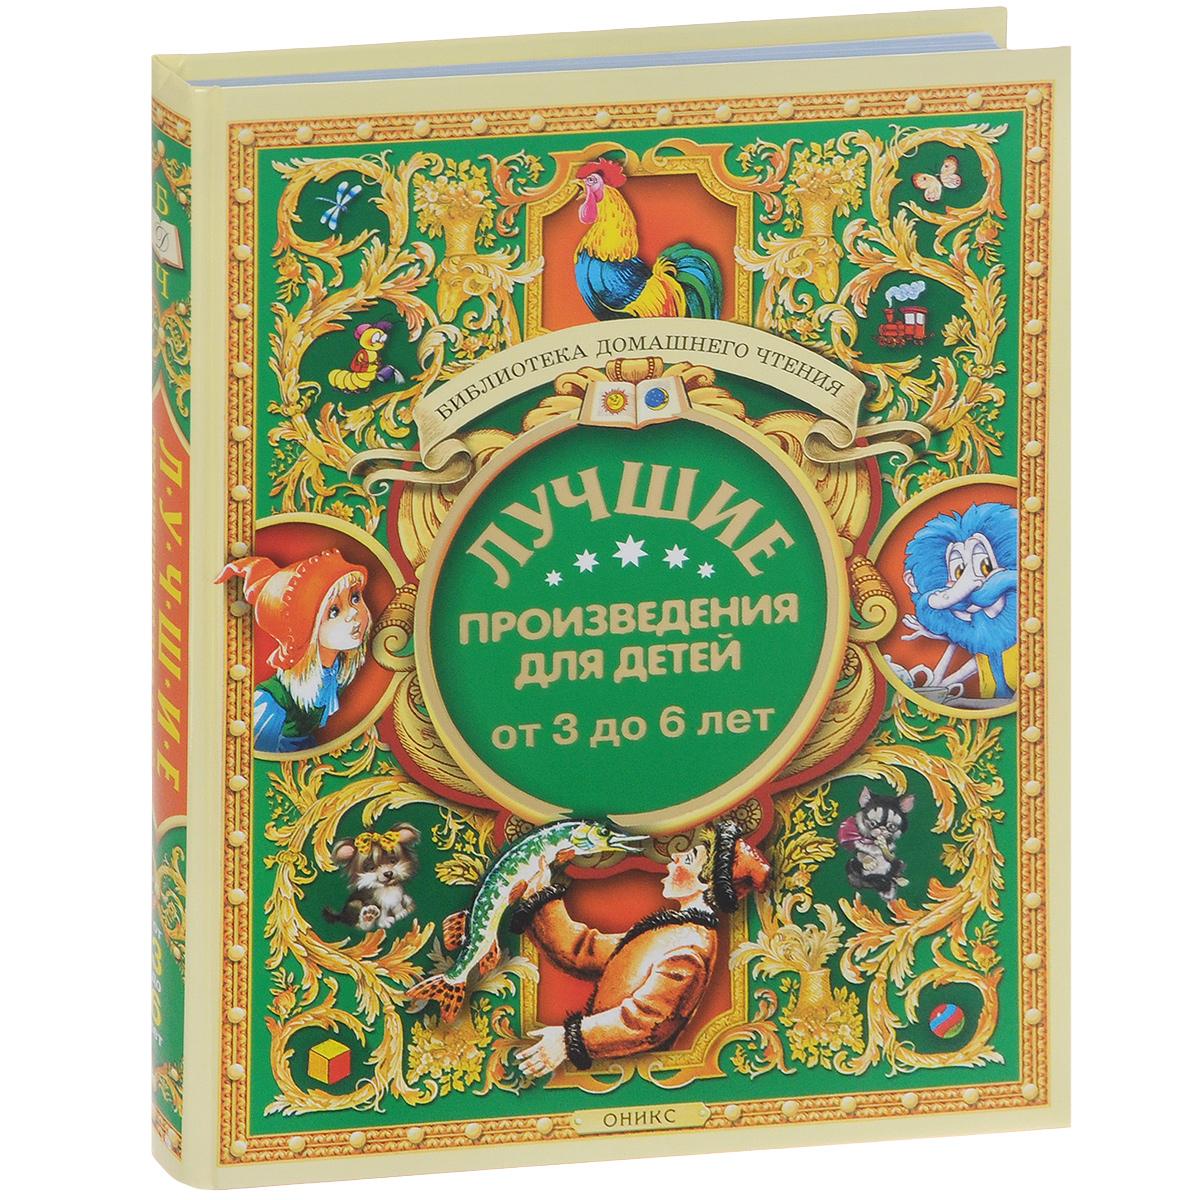 Лучшие произведения для детей. От 3 до 6 лет